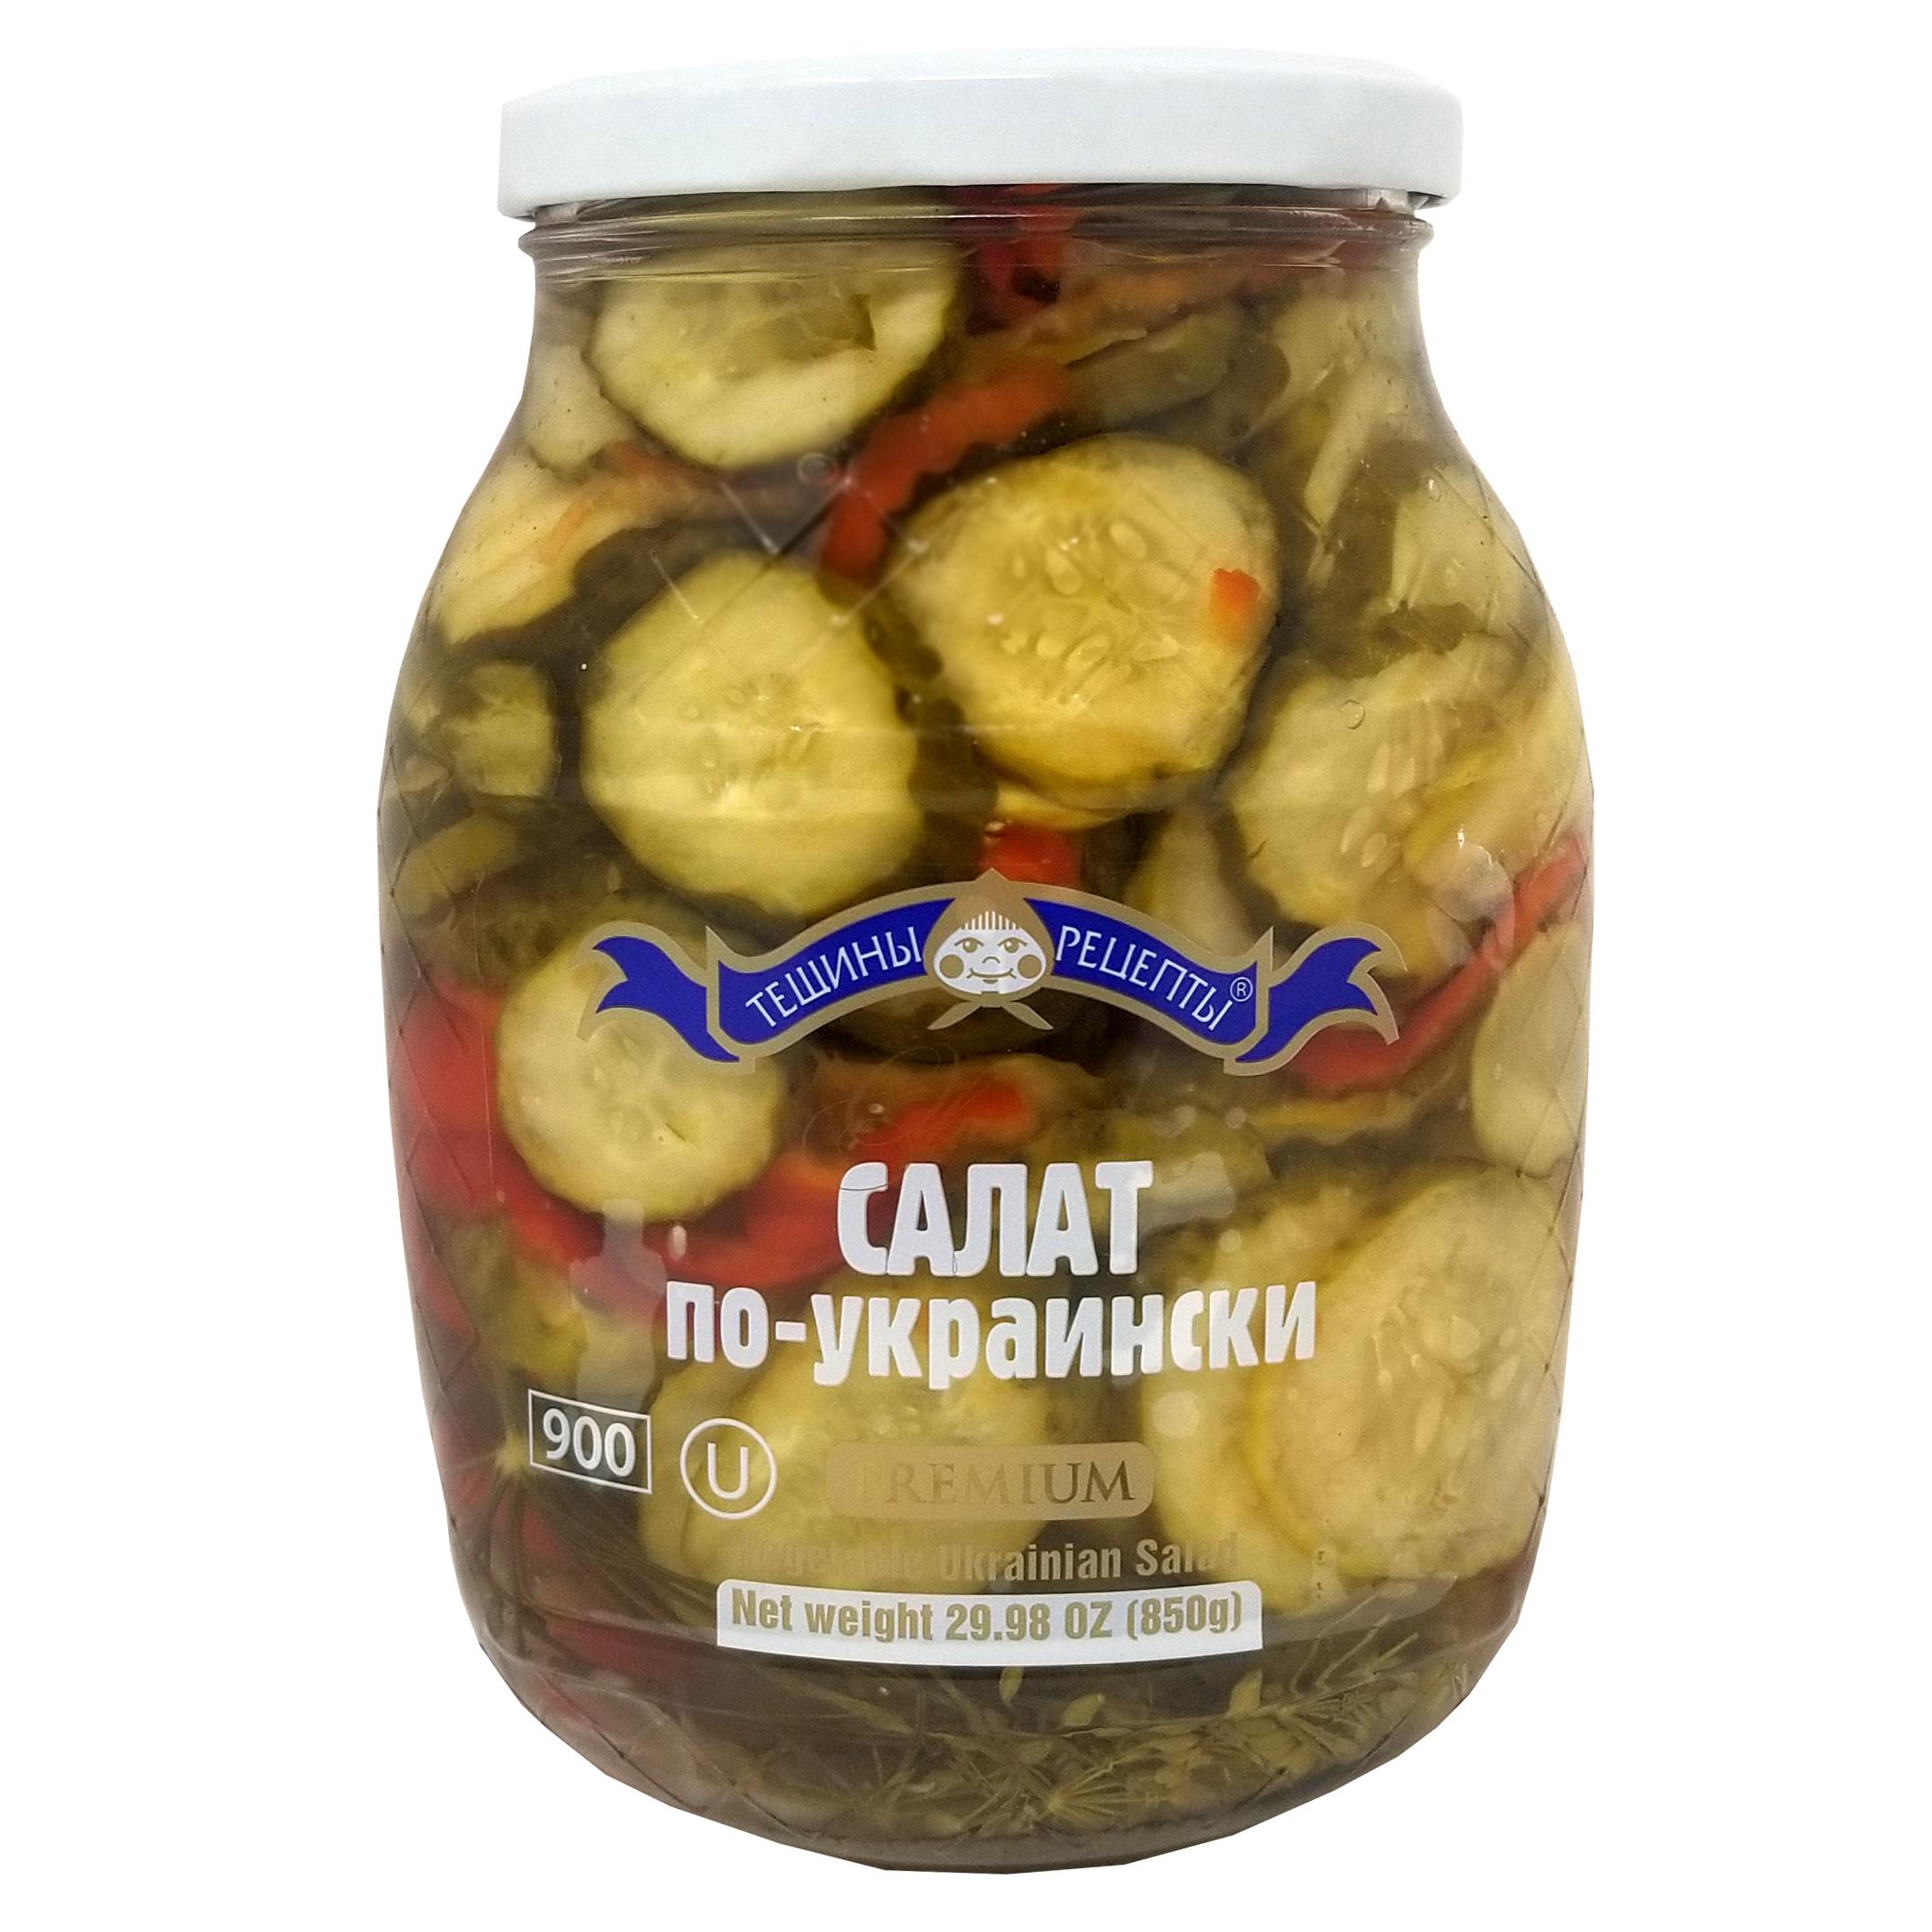 """Vegetable Ukrainian Style Salad """"Teshini Recepies"""" 900g"""